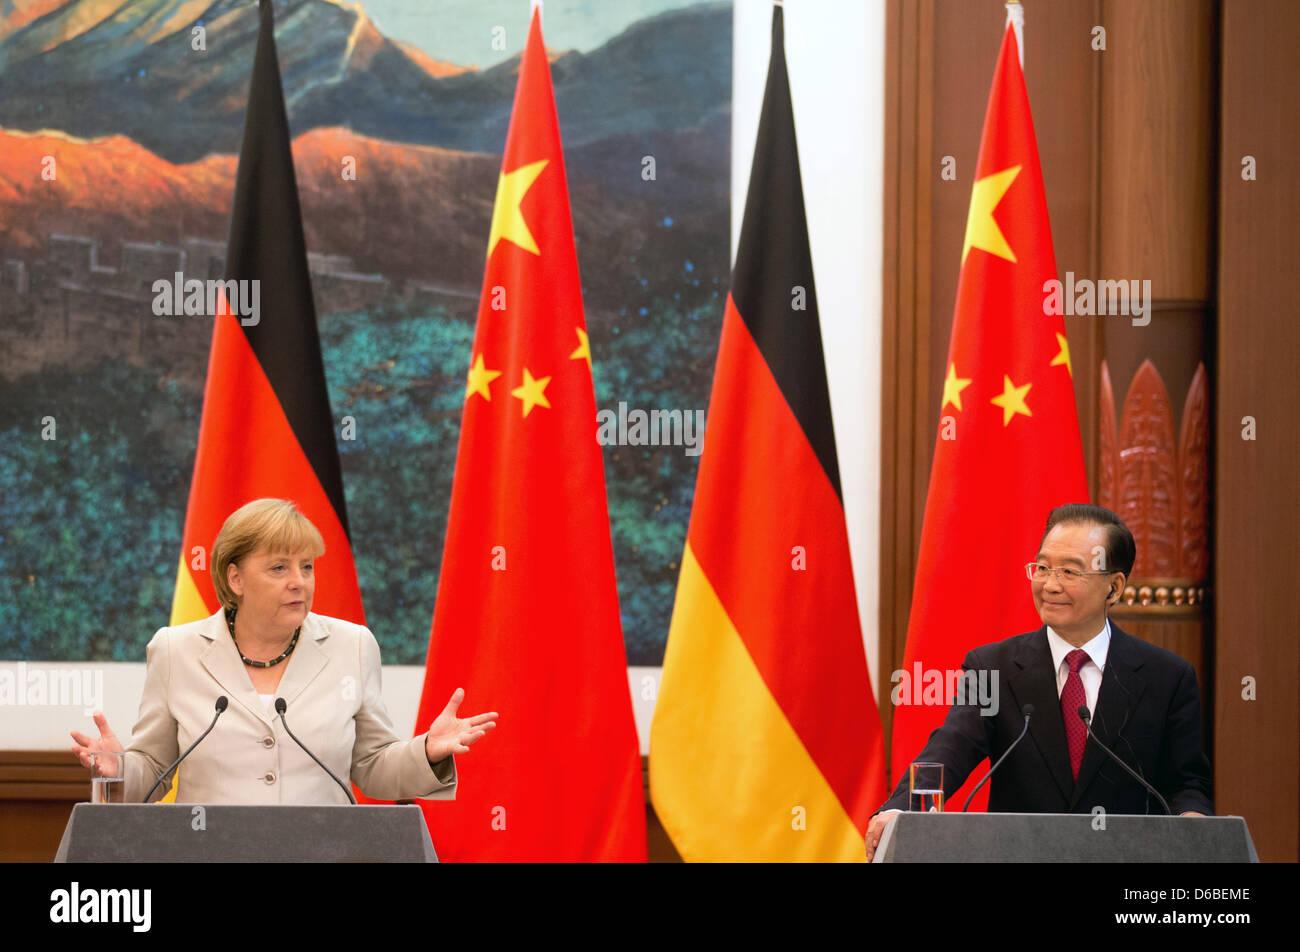 Bundeskanzlerin Angela Merkel (CDU) und Chinas Ministerpräsident Wen Jiabao sprechen am Donnerstag (30.08.2012) - Stock Image